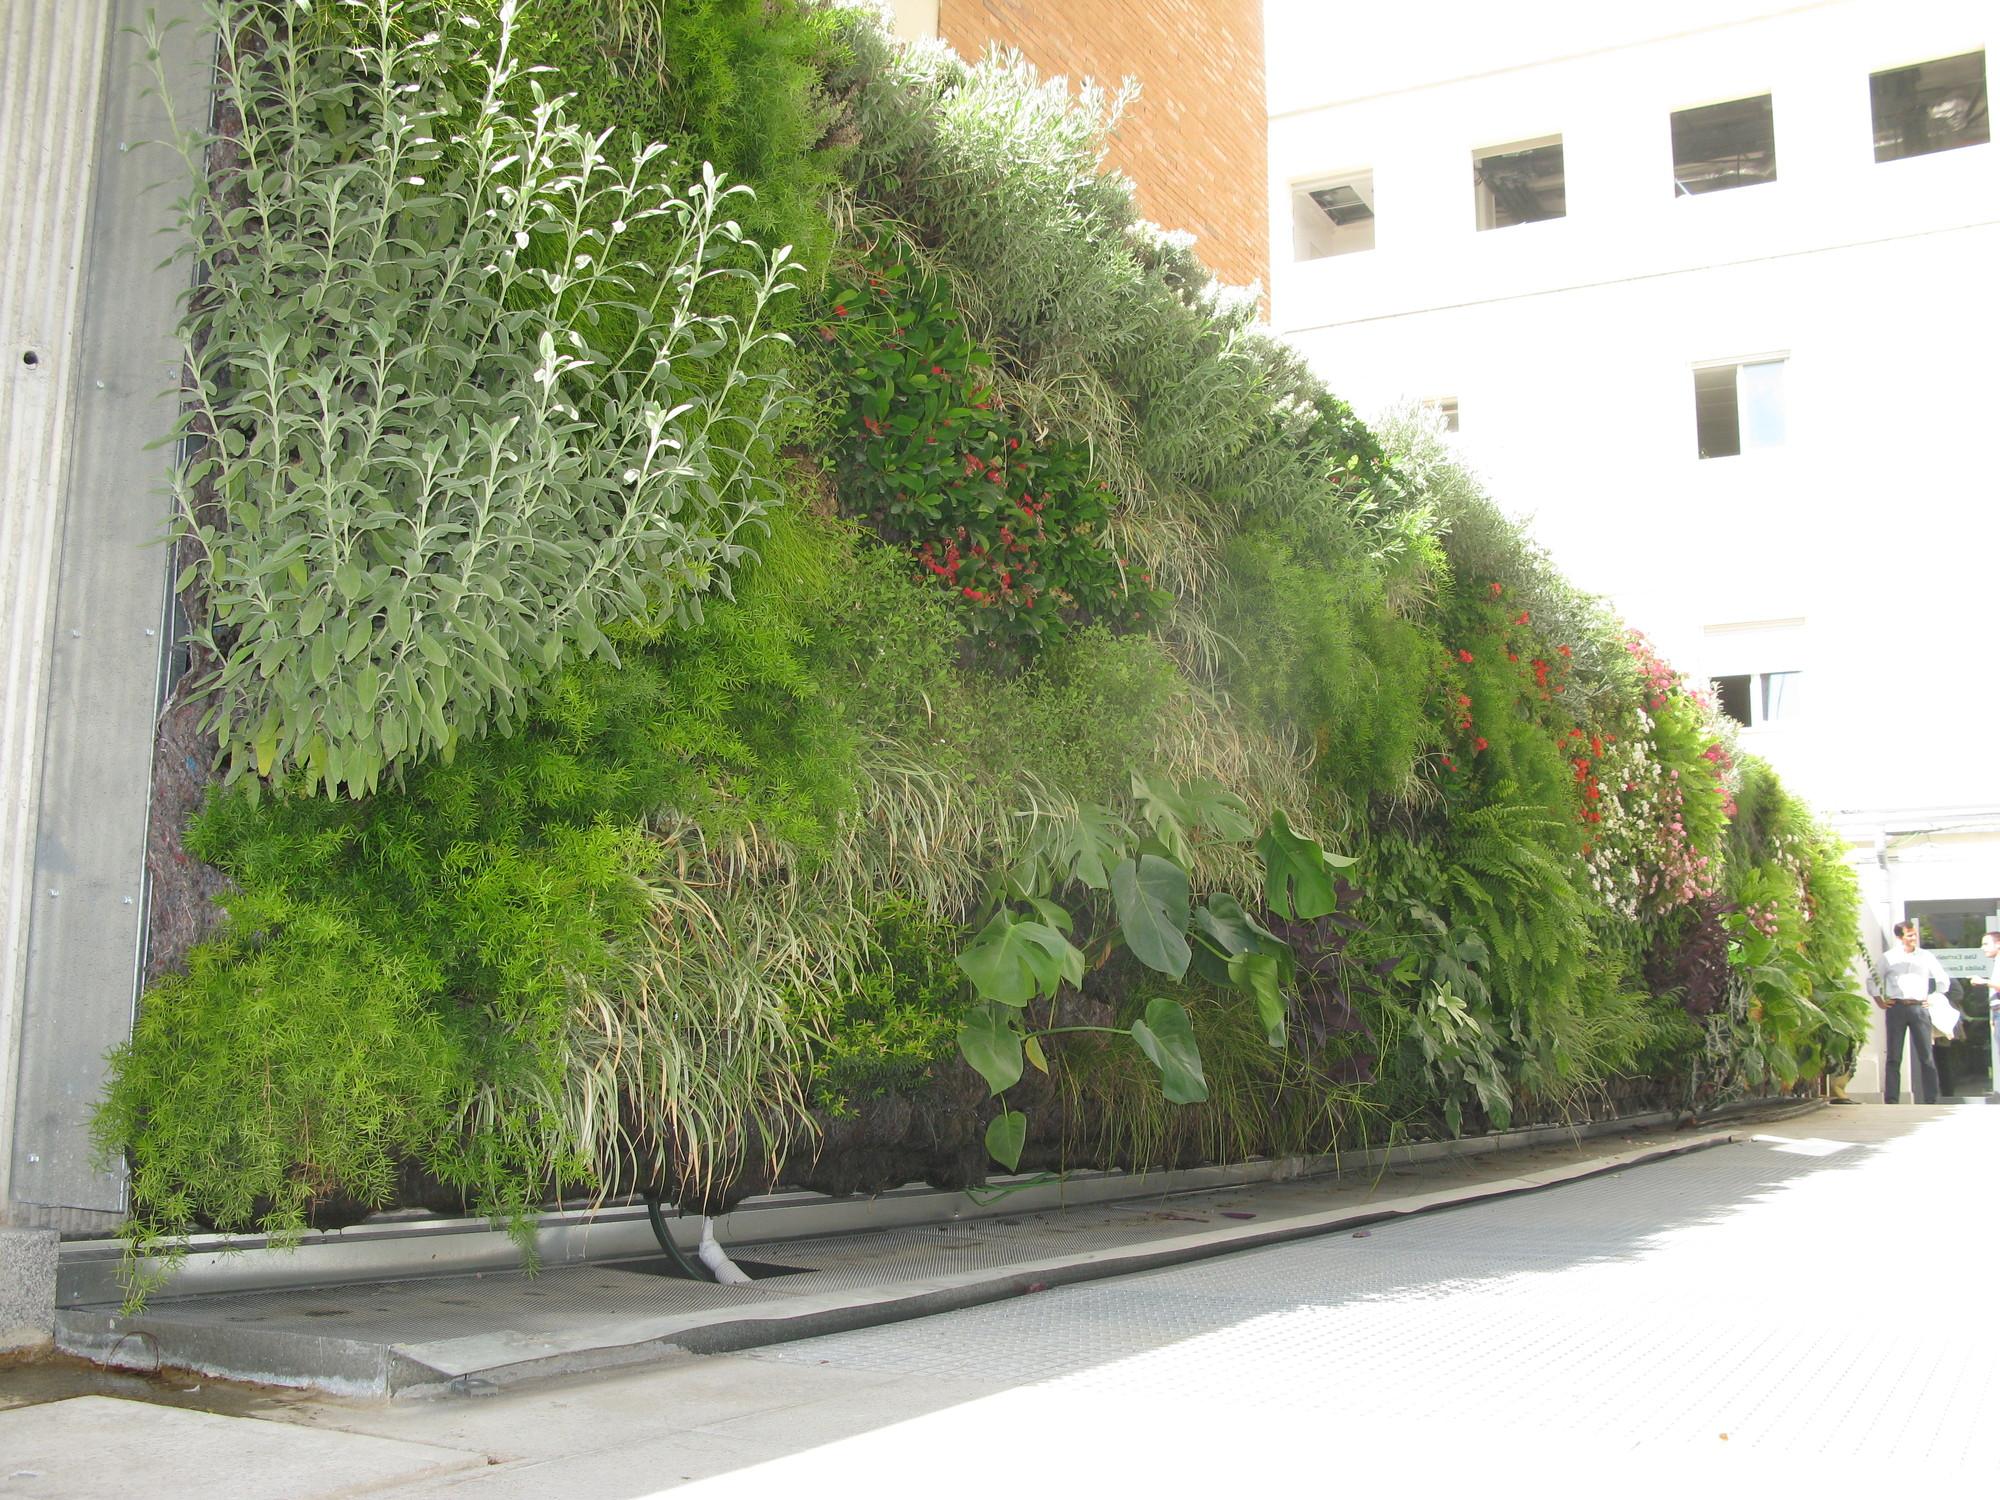 Galer a de en detalle jard n vertical en cl nica usp for Jardin vertical sevilla